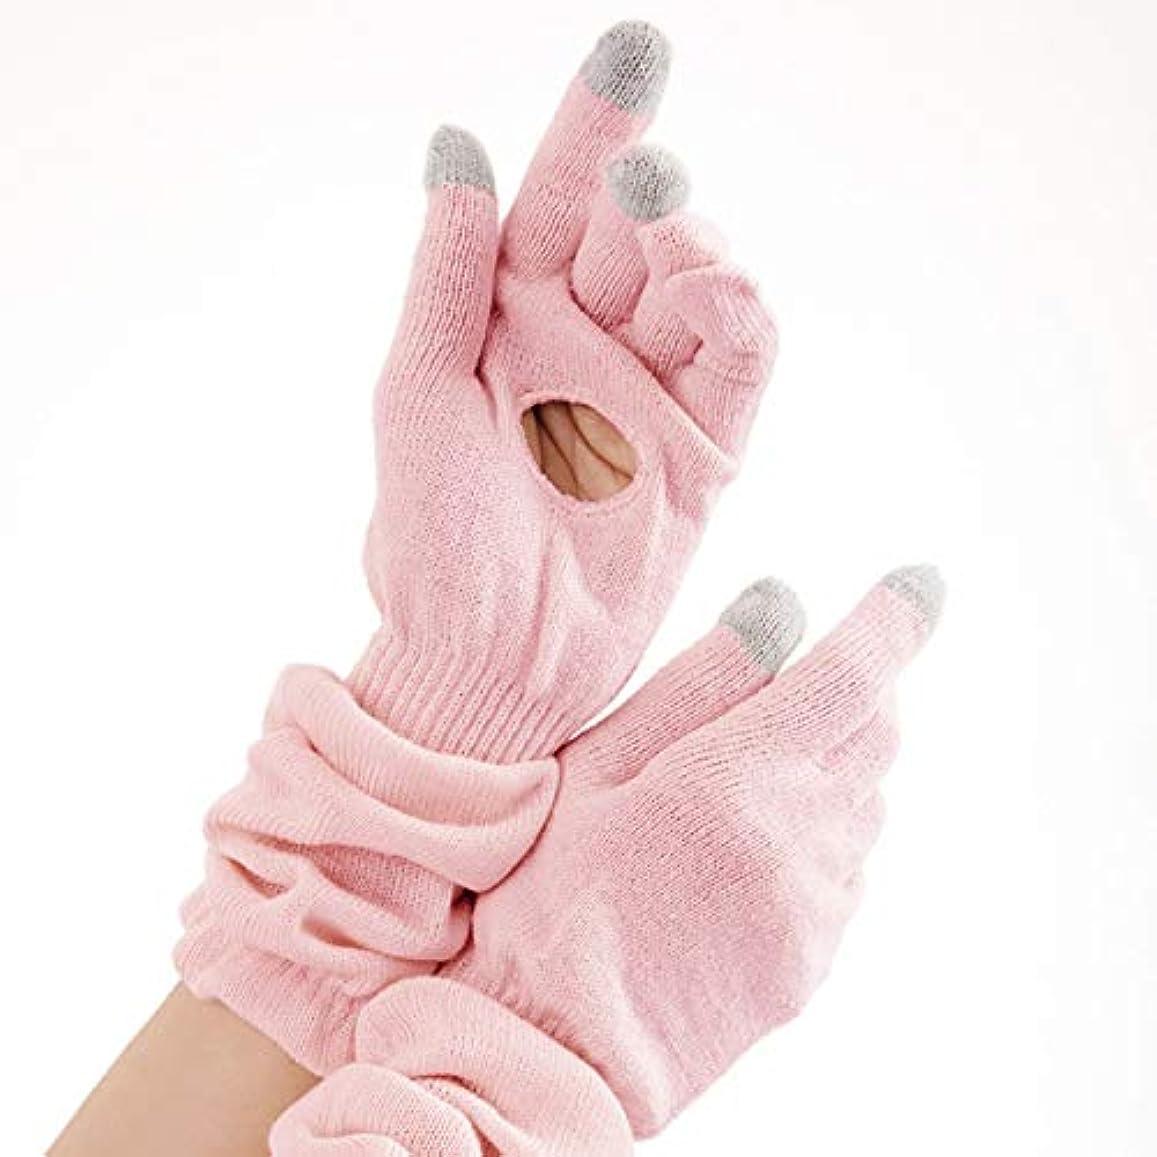 上向き矛盾南アメリカアルファックス 手袋 シルク混 ふんわりオープンホール 手袋 ピンク 1双入 AP-431329 | 手のひらホール 蒸れない 快眠 手荒れ 乾燥対策 やさしい シルク 腕周りゆったりゴム しめつけない ラクラク 優しい はめ心地